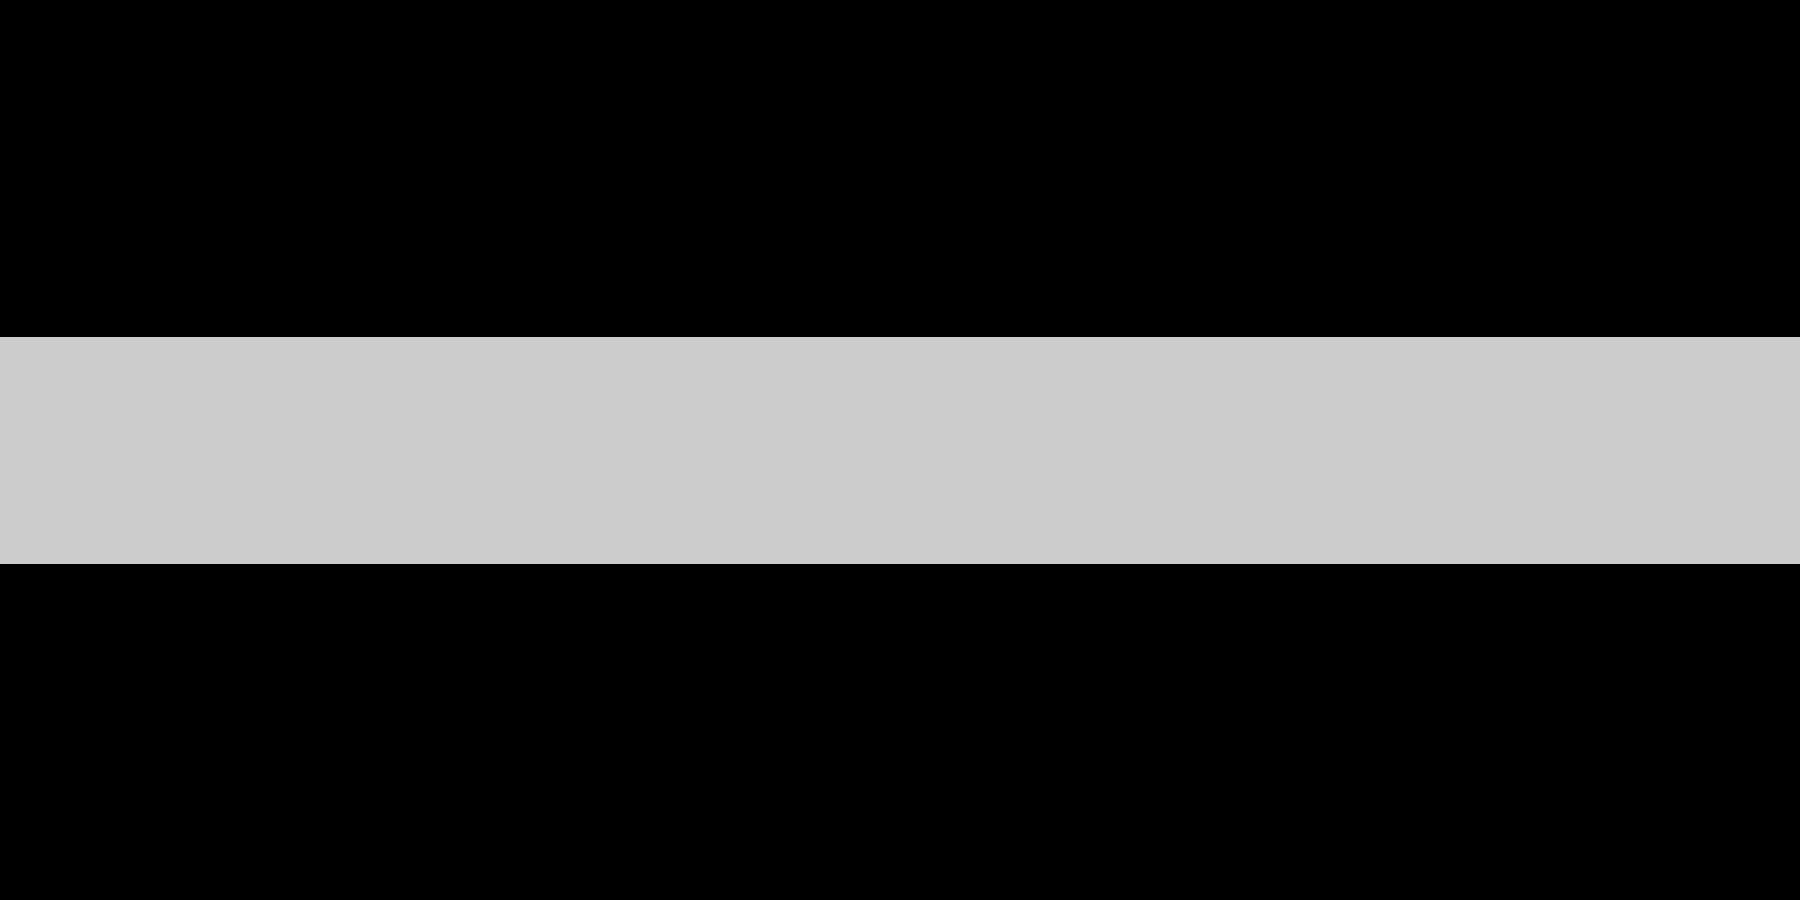 ソルフェジオ周波数_963hzの未再生の波形